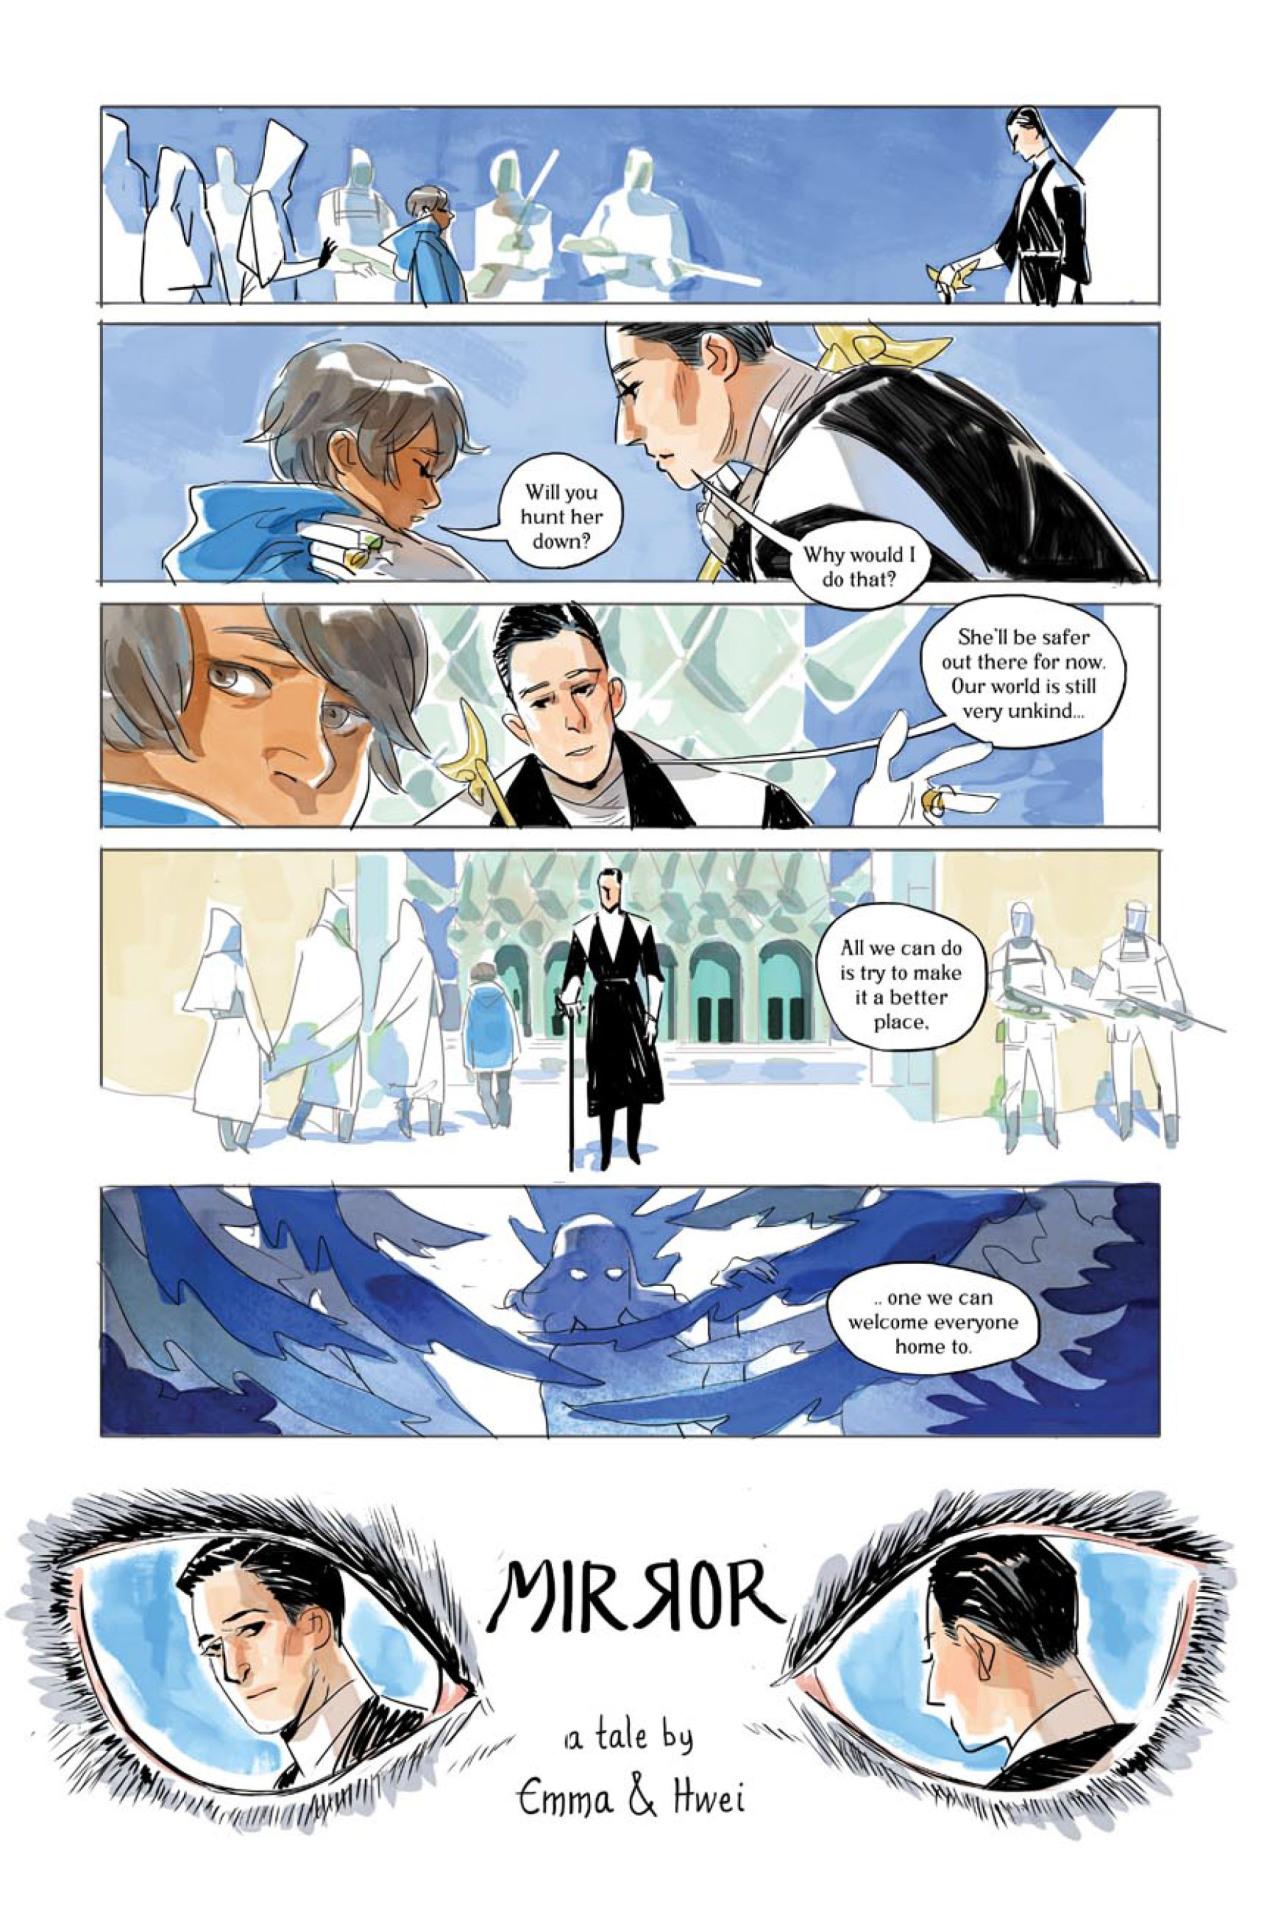 stripovi Tumblr_ntswkx5l4g1qdtsr0o5_1280